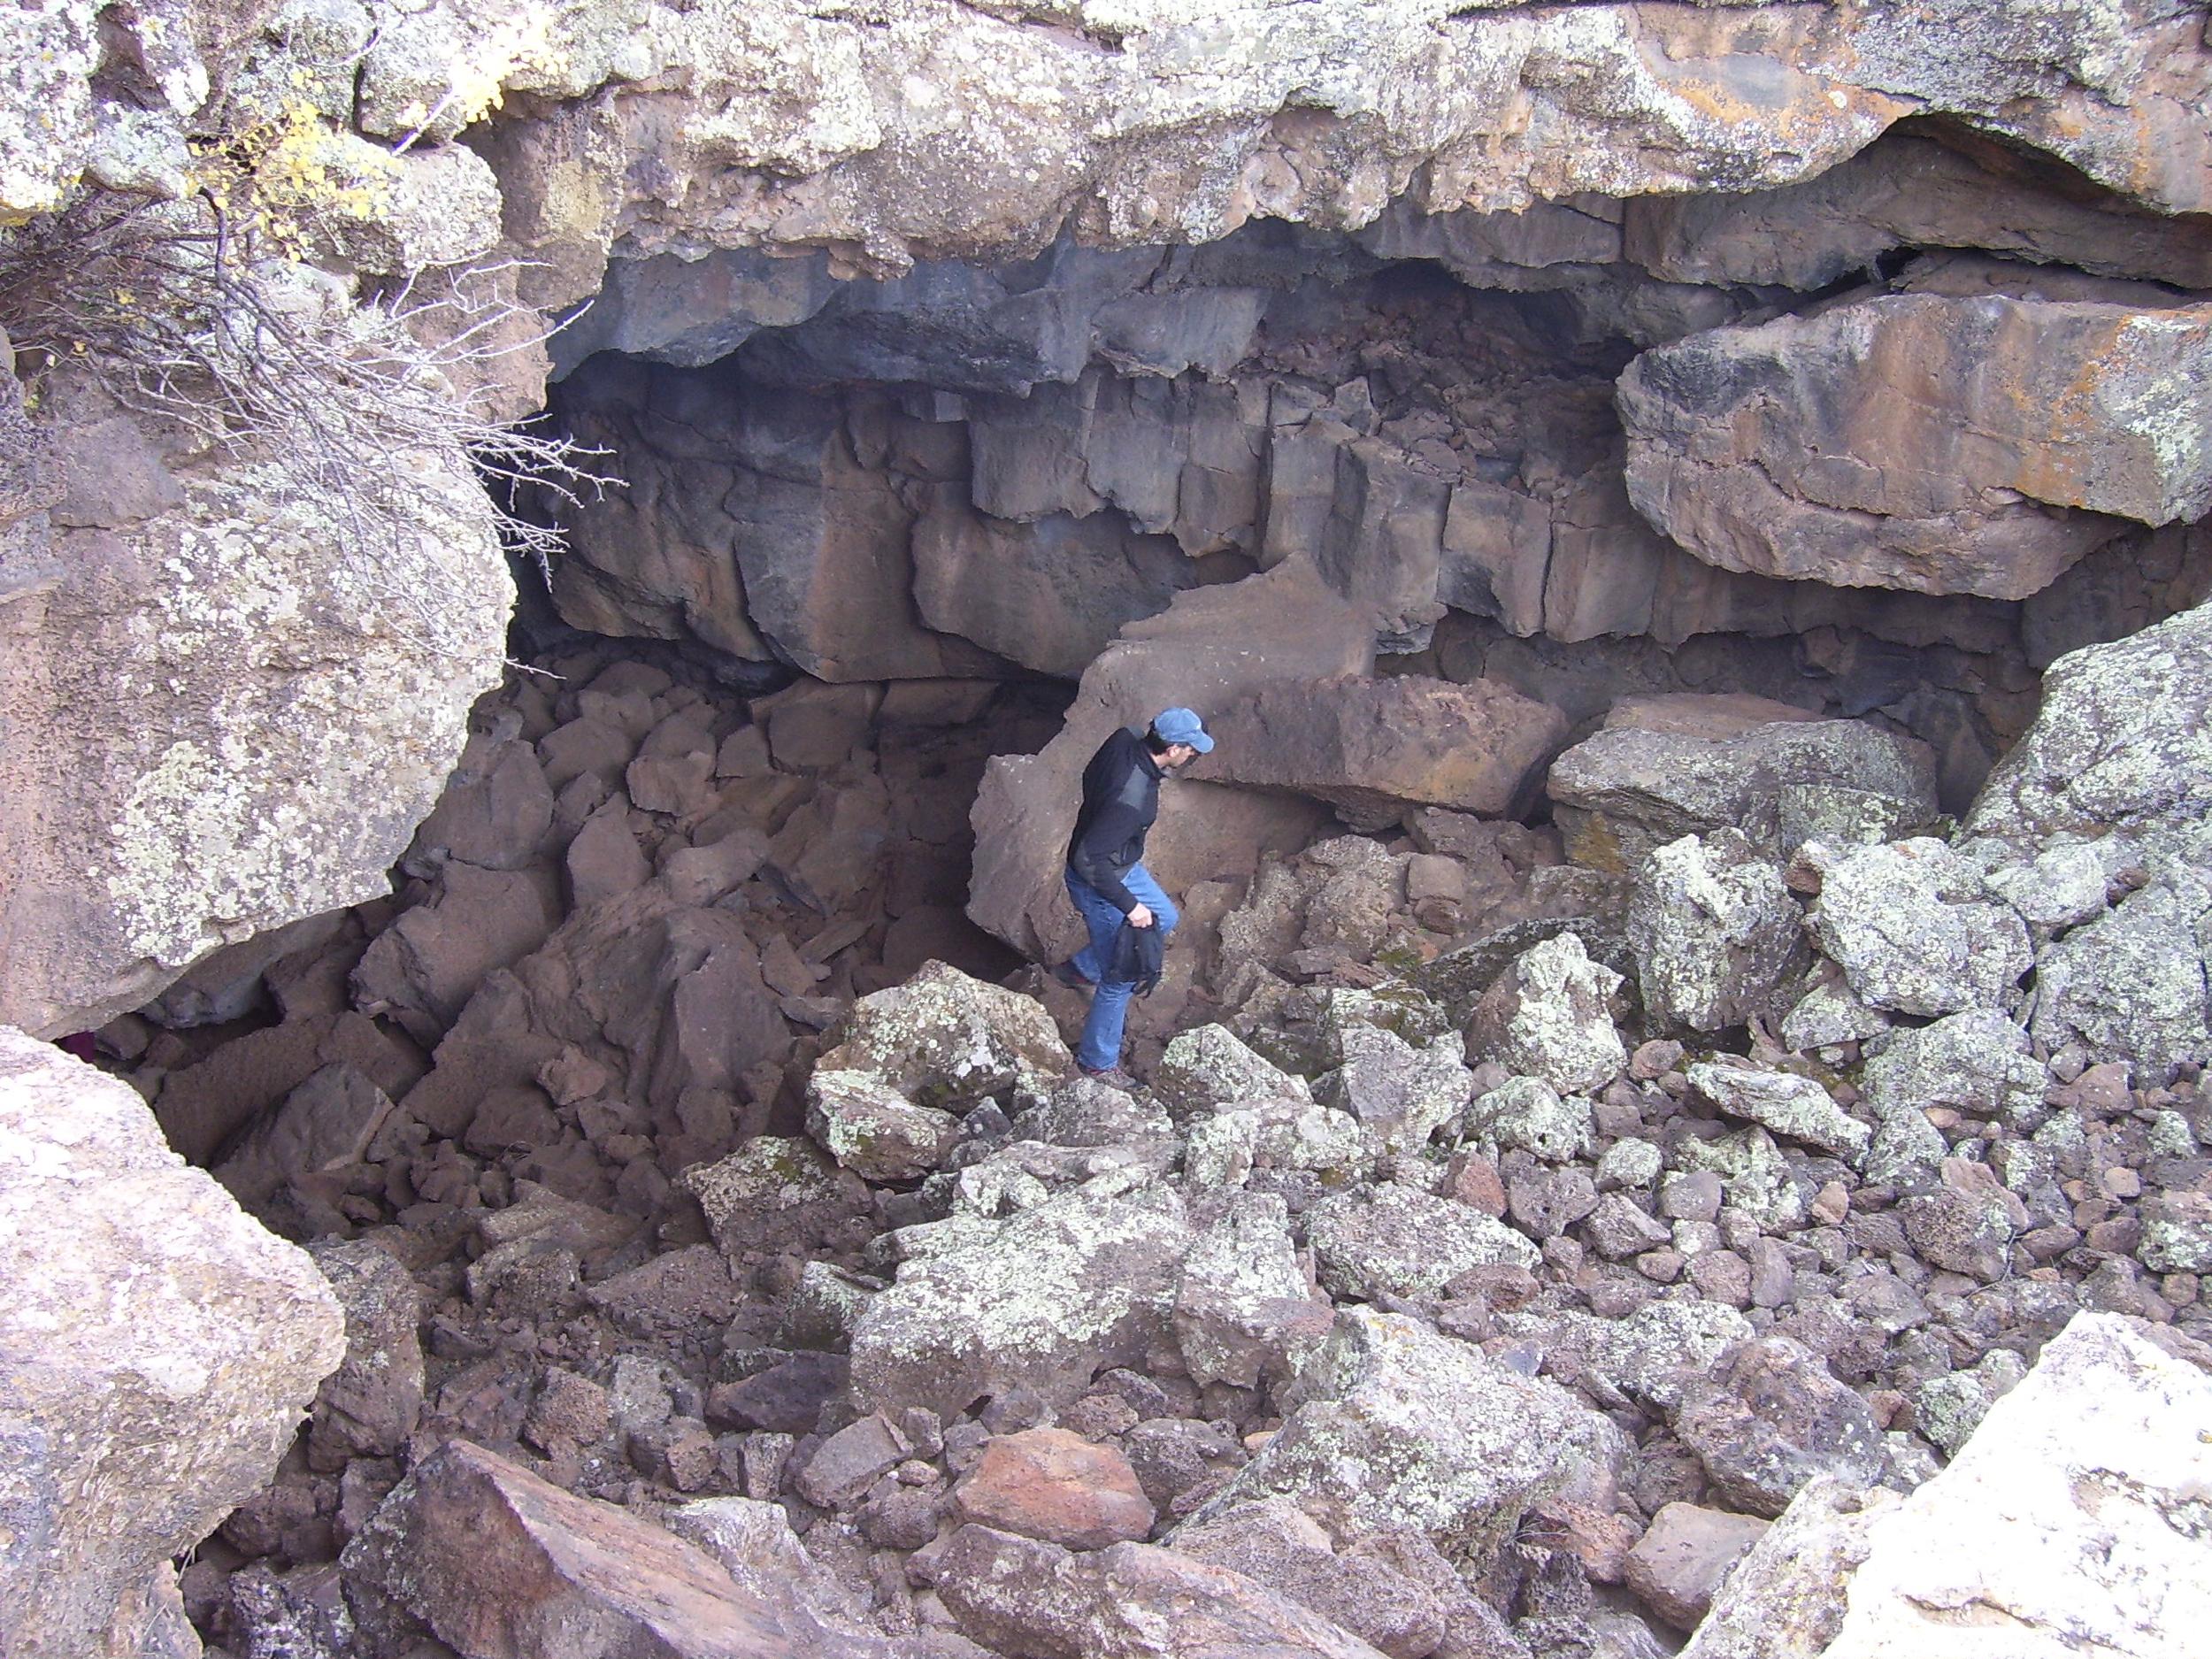 Lava tube, El Malpais